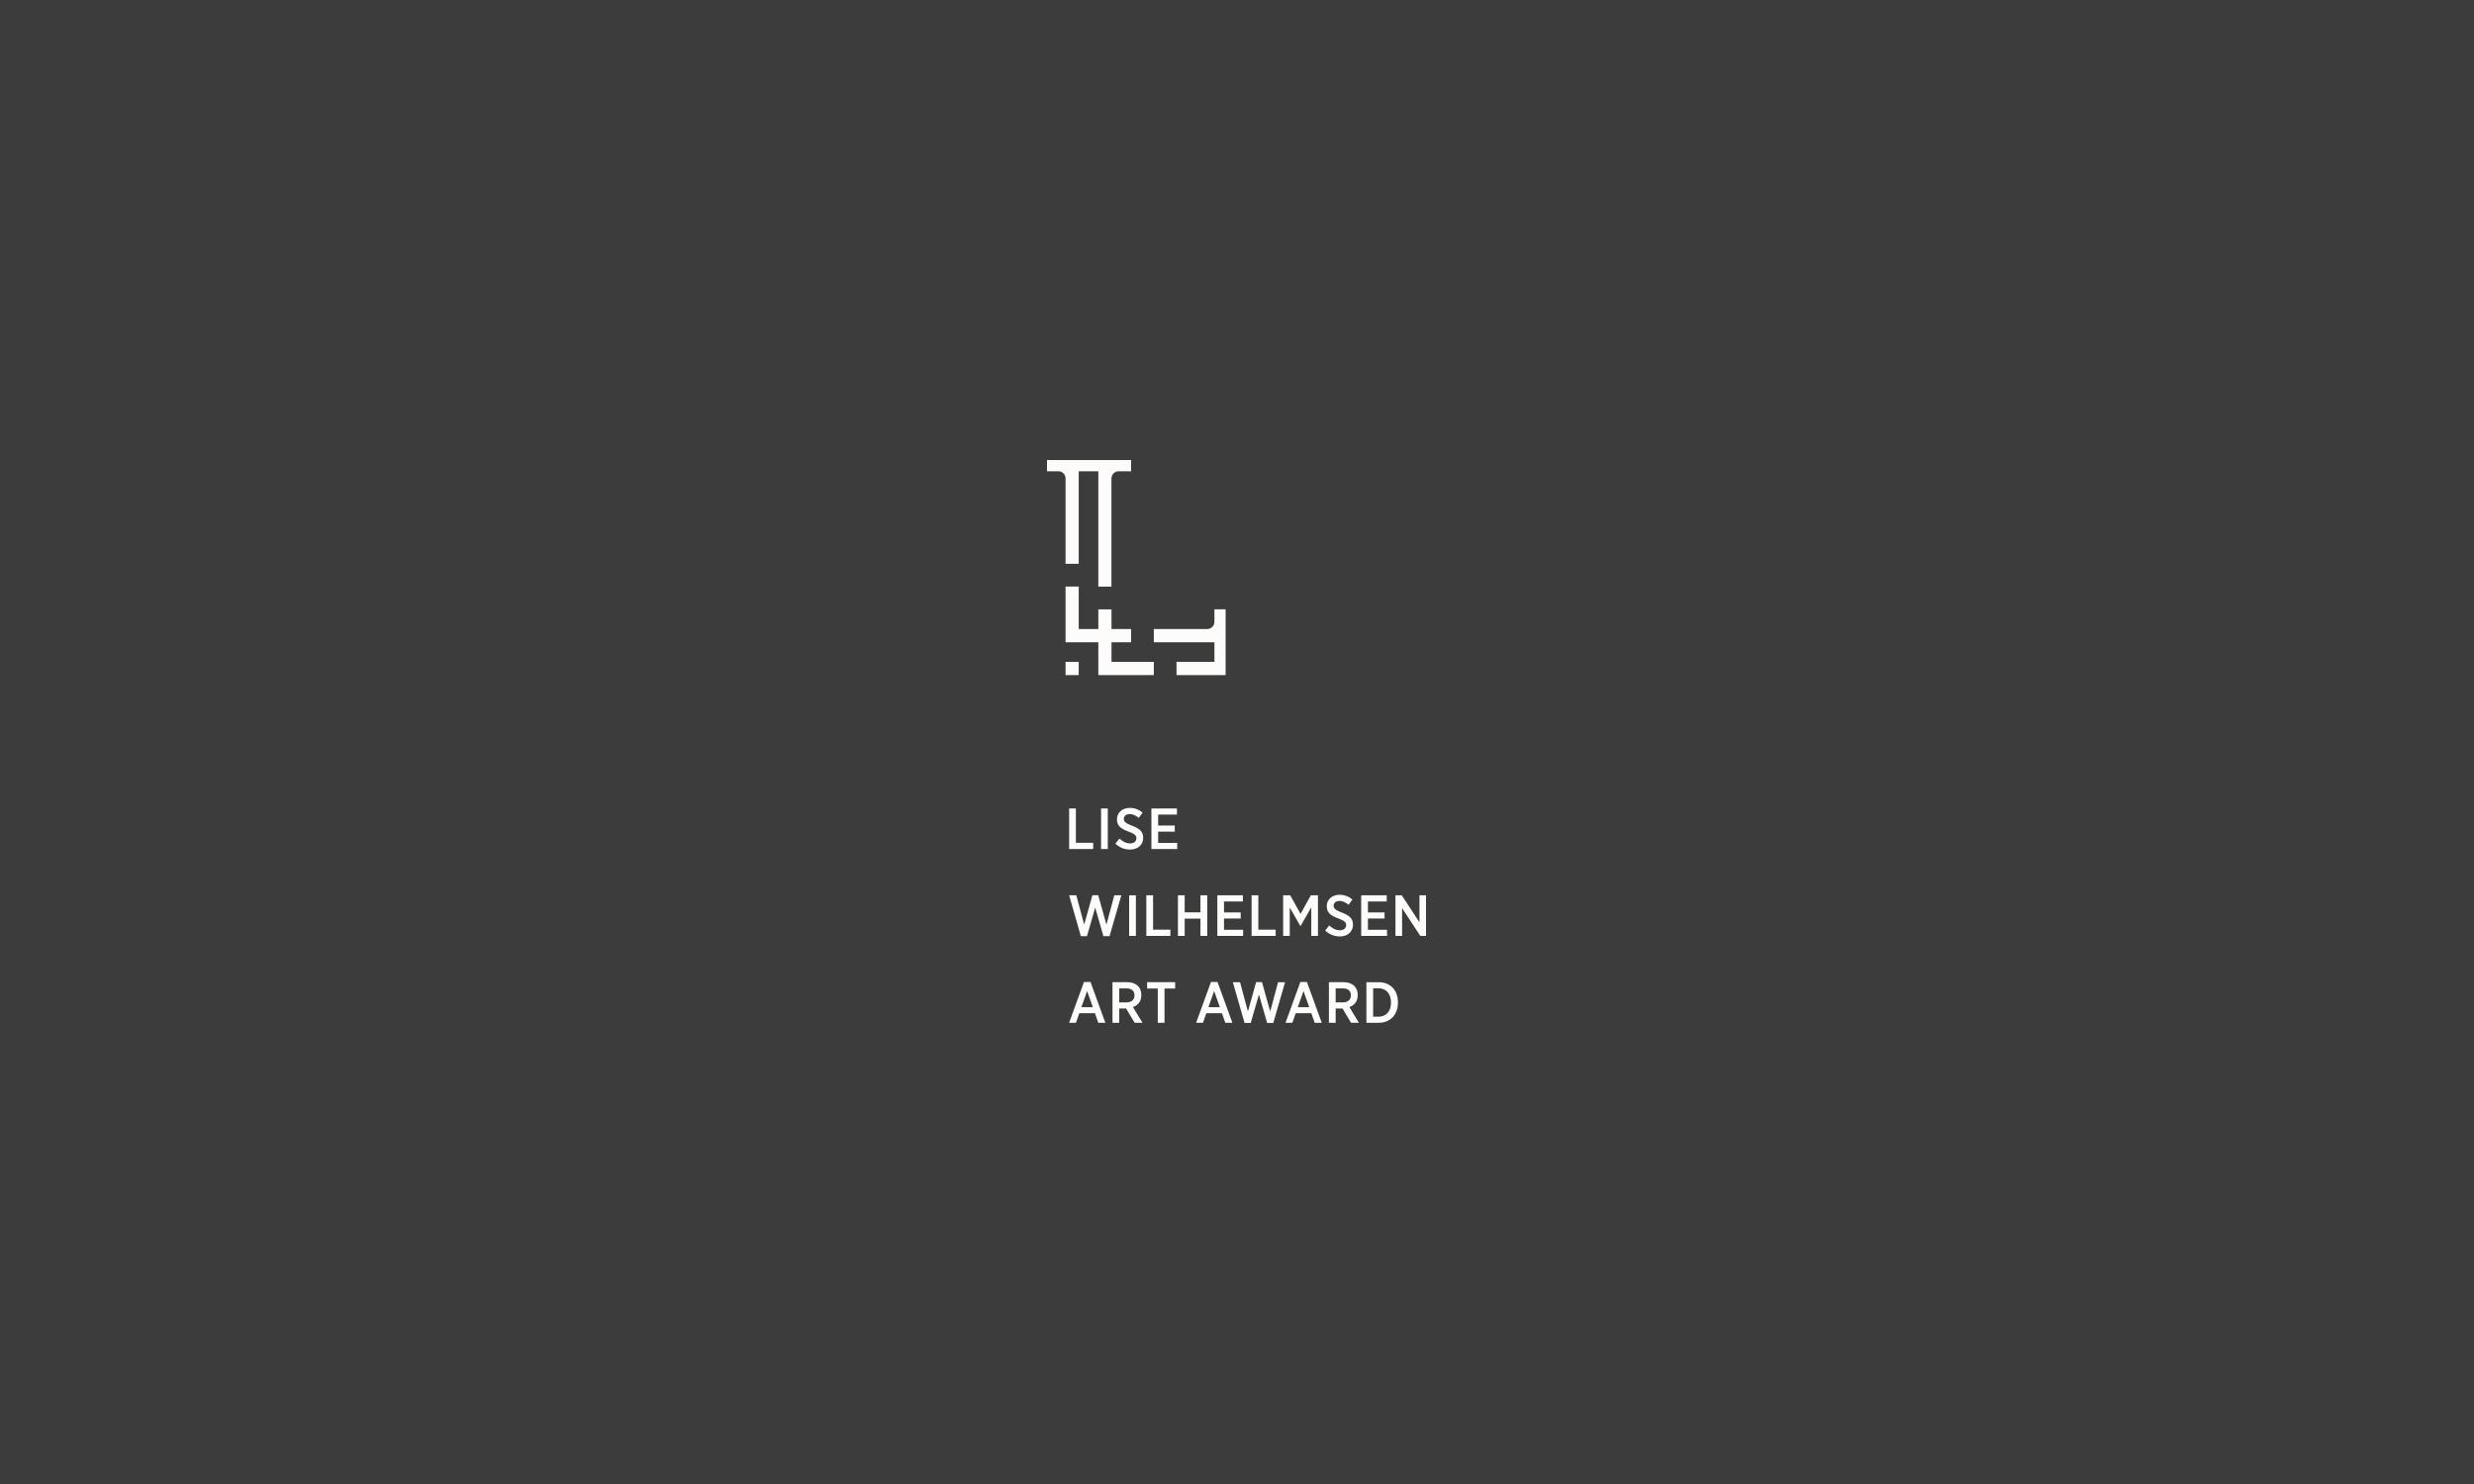 Lise Wilhelmsen Art Award light vertical Logo, designed by SBDS